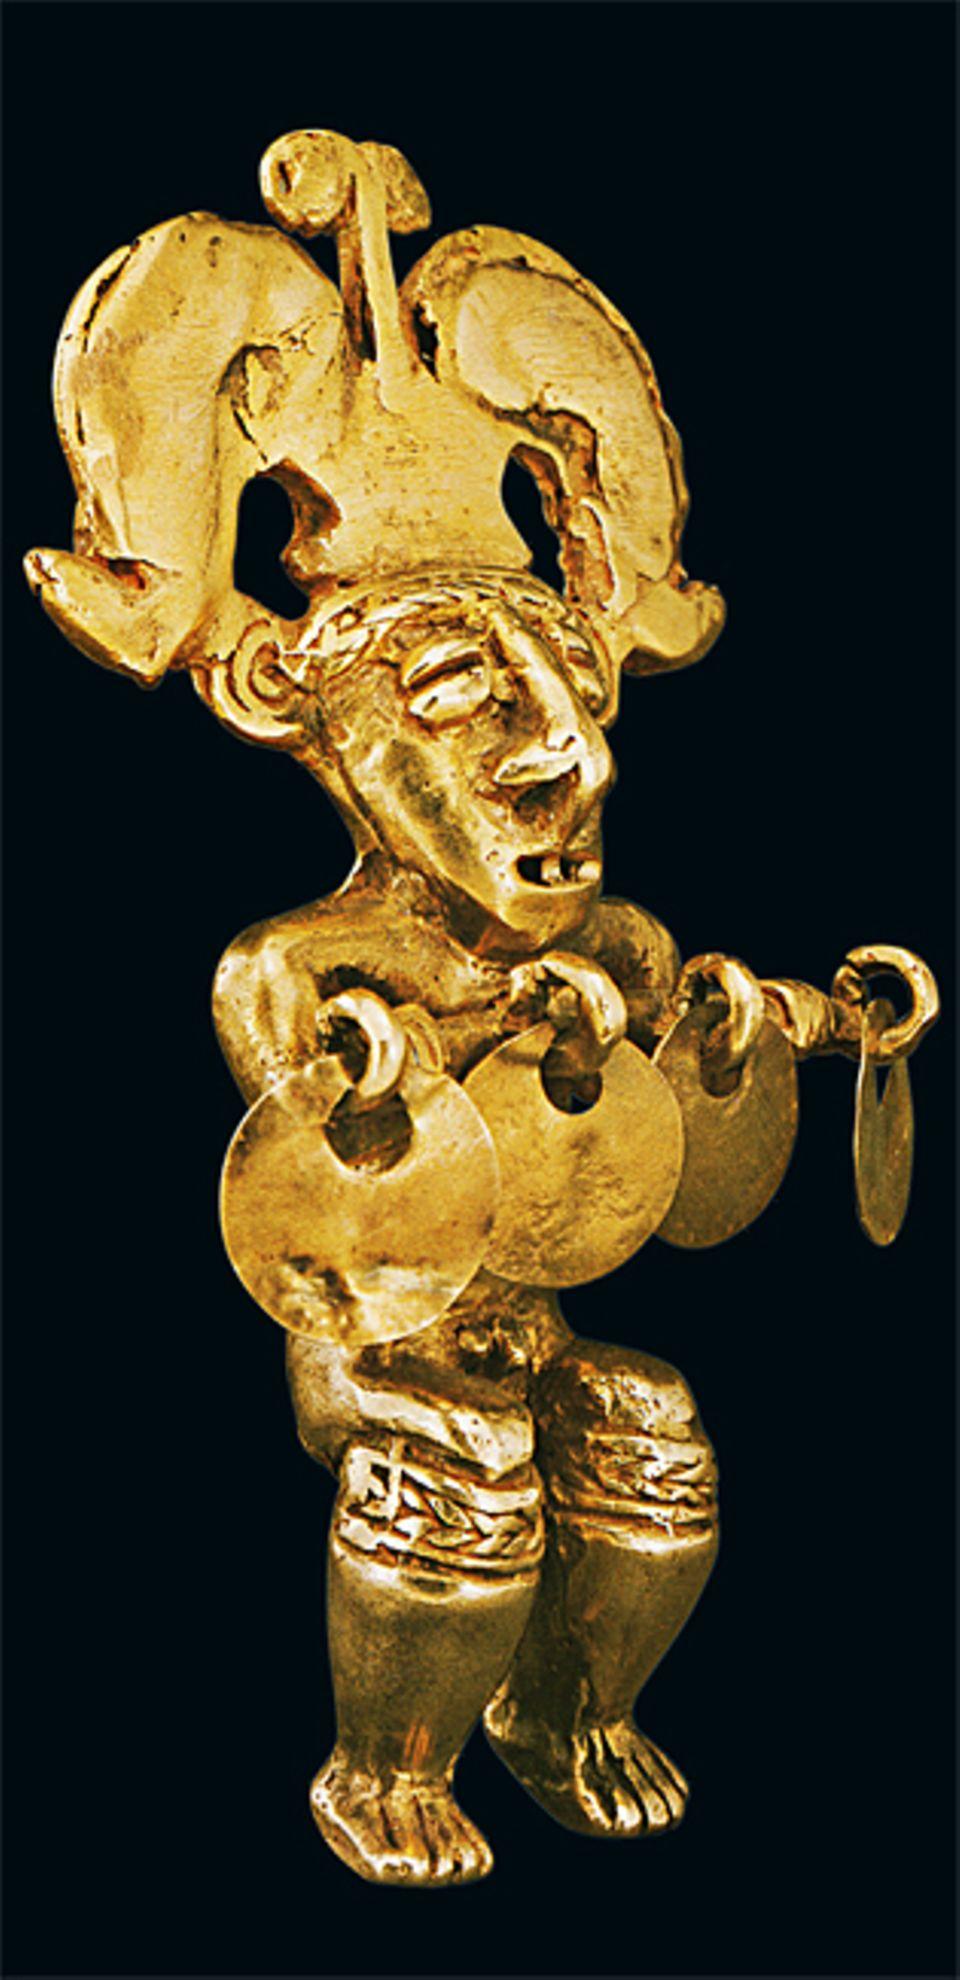 El Dorado: Der üppige Kopfschmuck zeigt, dass diese knapp zwölf Zentimeter große Figur ein machtvolles Stammesmitglied darstellen soll - möglicherweise einen Schamanen